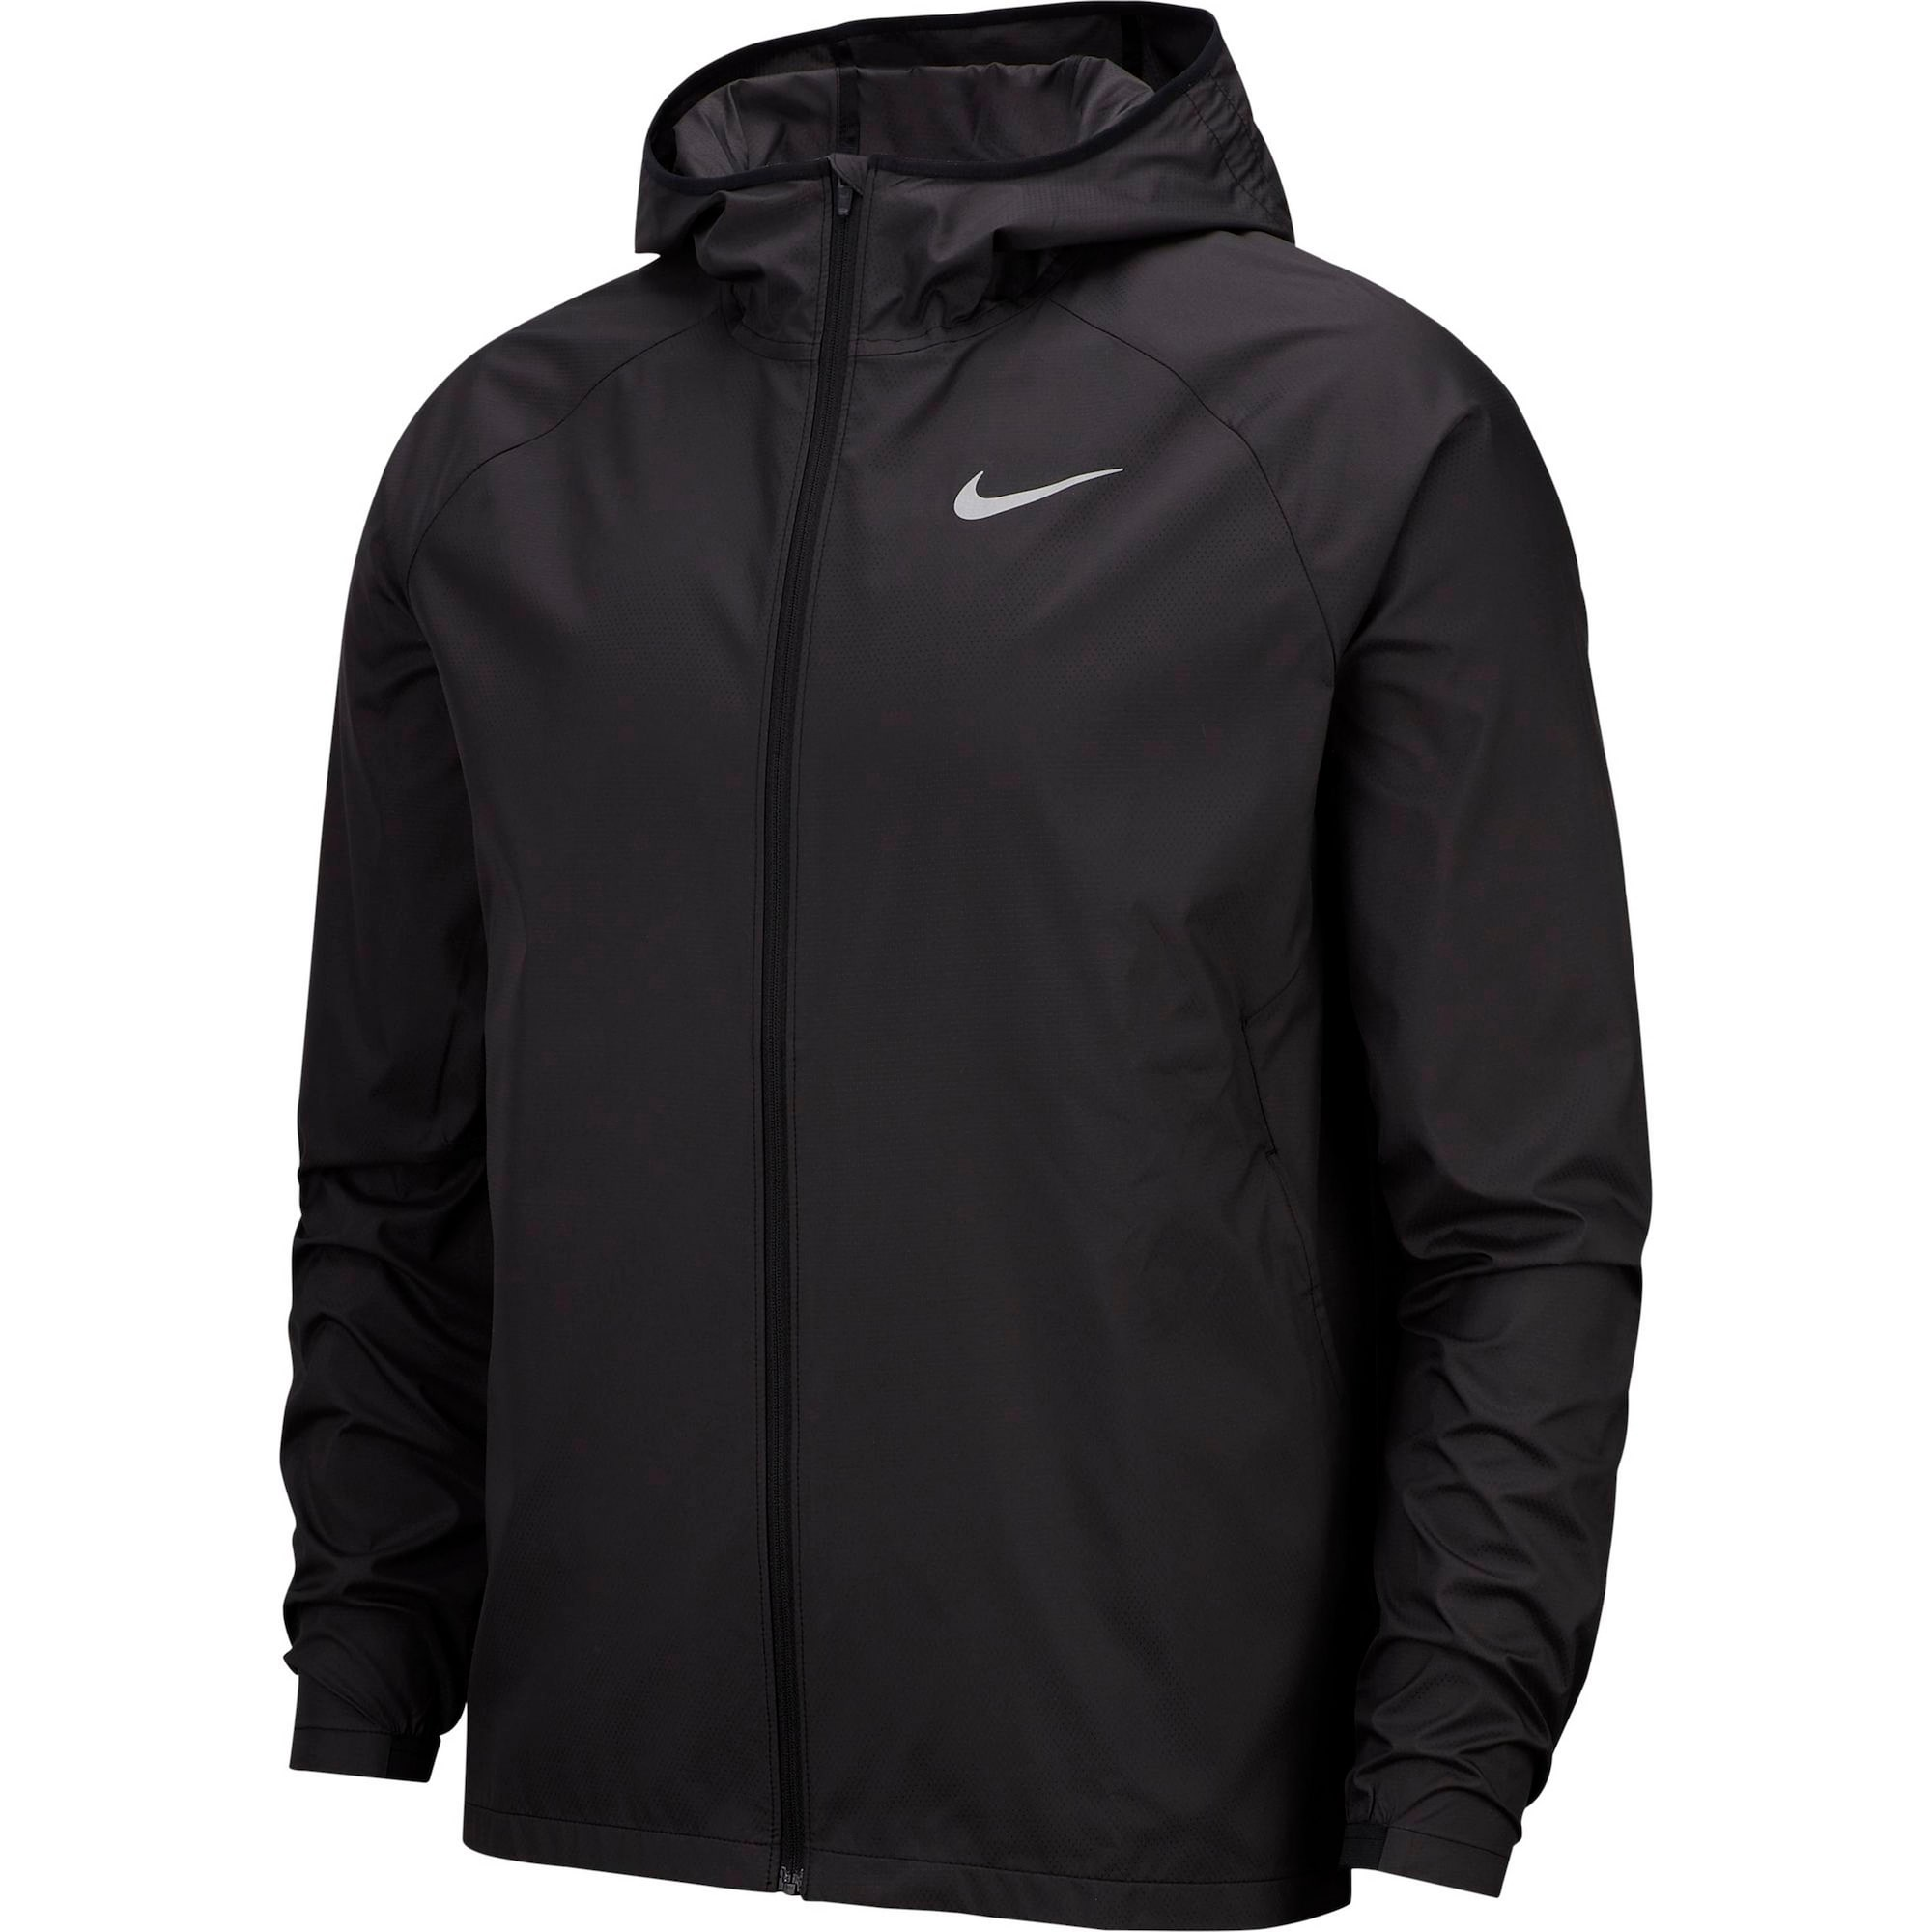 Funktionsjacke 'Essential' | Bekleidung > Jacken > Funktionsjacken | Schwarz | Nike